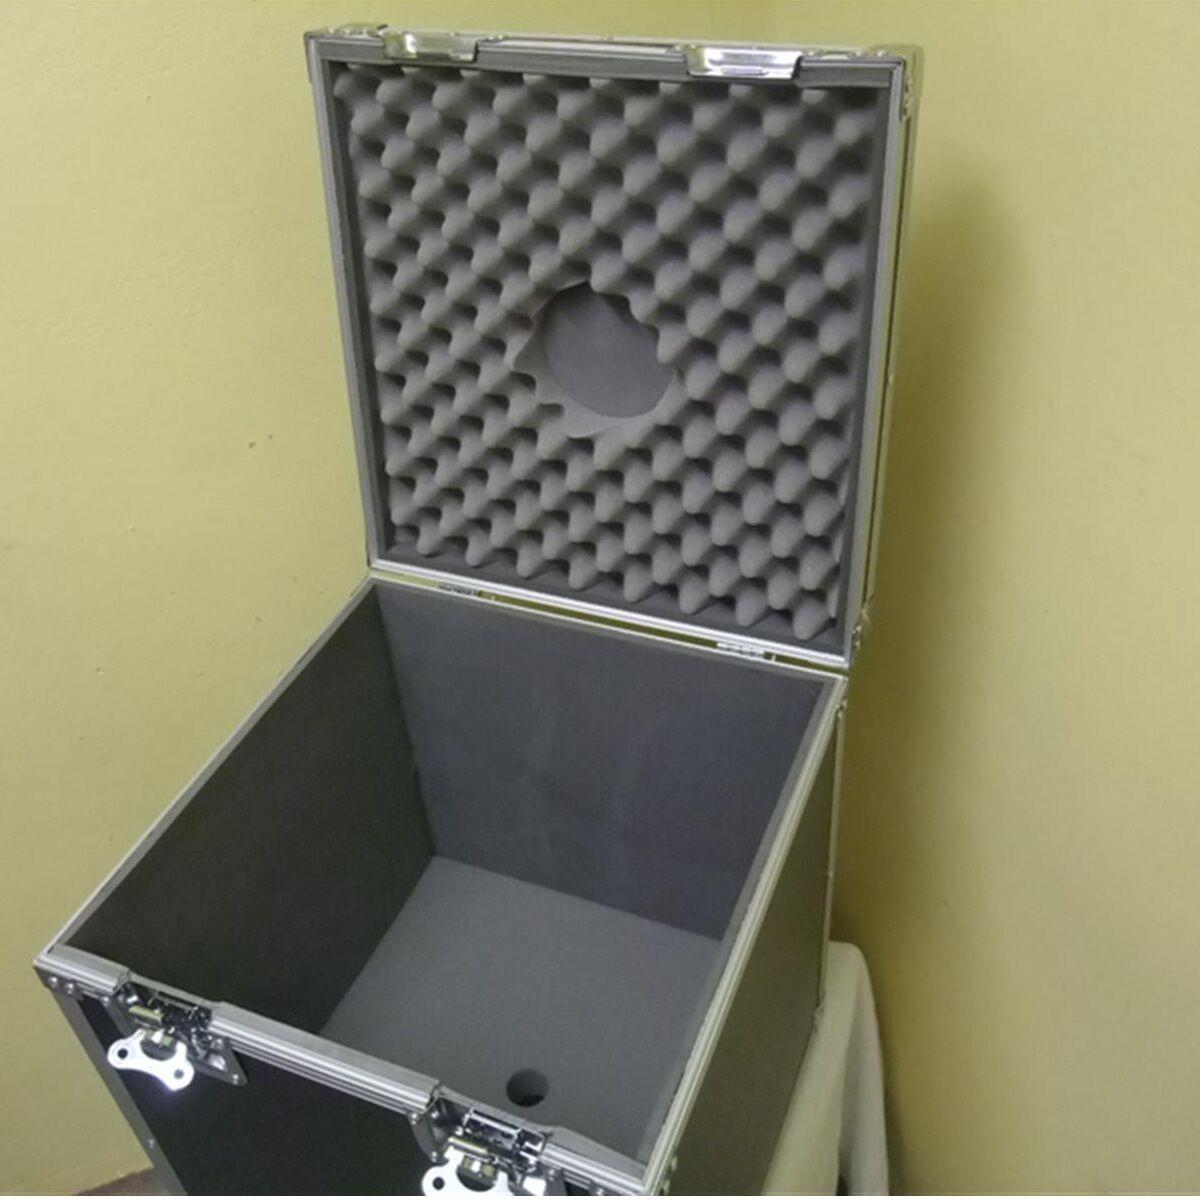 ROADINGER 40 cm Spiegelkugel-Case Transportcase für 40cm Spiegelkugel Discokugel